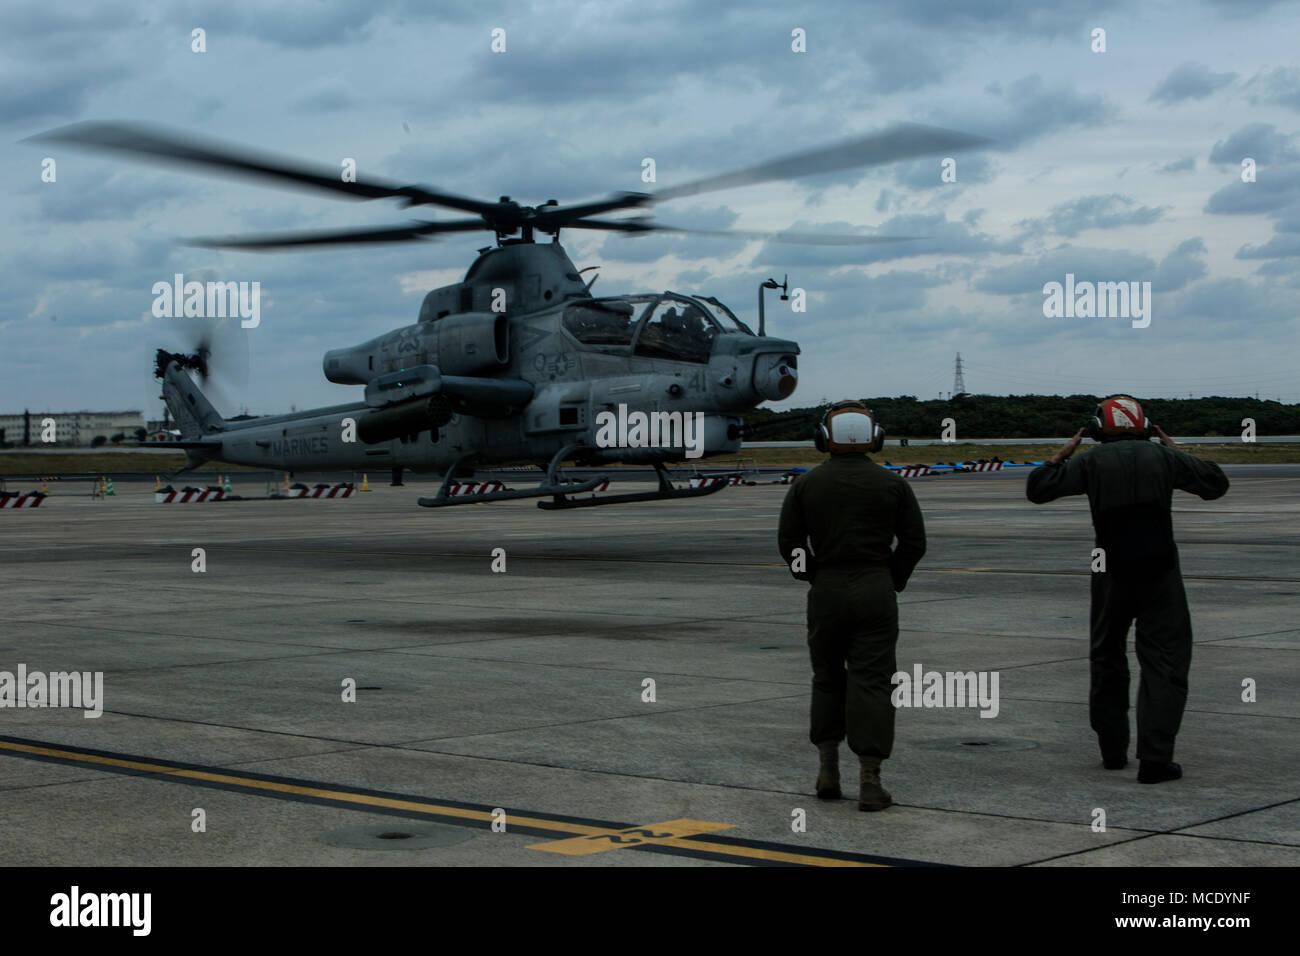 Kapitän Justin S. Morrison und Kapitän Kyle T. Myer Abheben in eine AH-1Z Viper während Sgt. Austin B. Shepard und Lance Cpl. Jesus Gallegos Boden führen Sie während einer Veranstaltung auf der Marine Corps Air Station Futenma, Okinawa, Japan, 8. Februar, 2018. Die Piloten erhalten Flight Training beim Tragen der Gemeinsamen schützende Aircrew Ensemble (JPACE) und Atemschutz Ausrüstung. Die Schulungsveranstaltung wurde Piloten mit dem JPACE vertraut zu machen. Die JPACE wird den Schutz erhöhen über vorhandene Kleider beim verringern Wärmebelastung und Gewicht. Die Geräte bieten Schutz vor Chemikalien Aga Stockbild